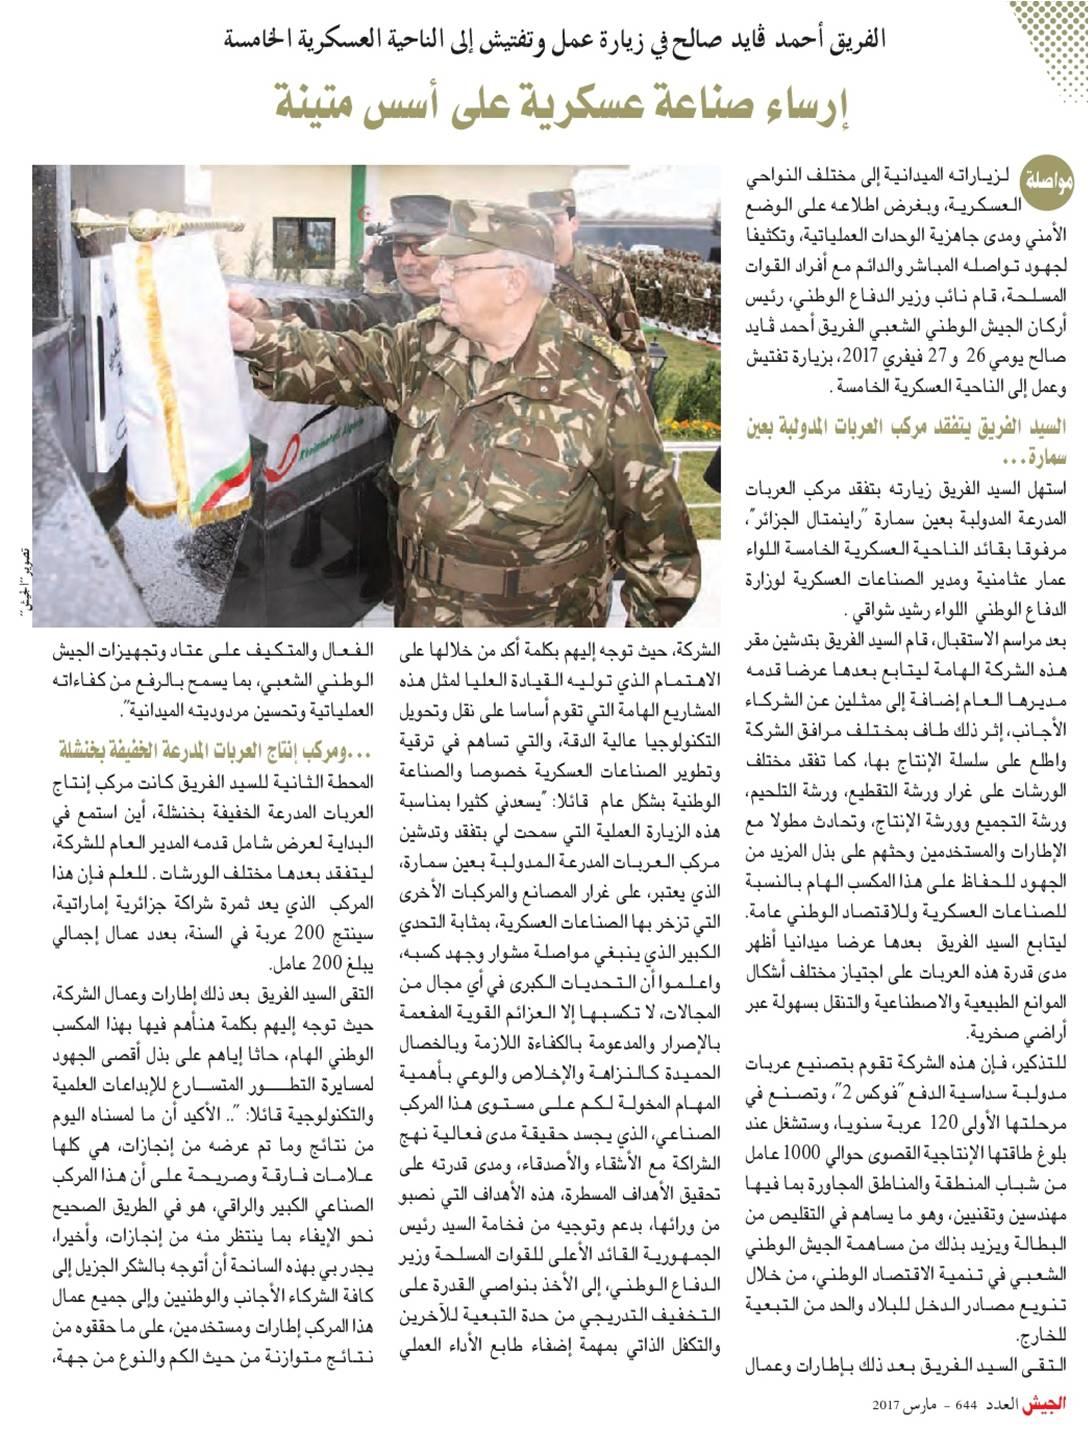 الصناعة العسكرية الجزائرية ... مدرعات ( فوكس 2 ) - صفحة 6 32596375474_264936ea7b_o